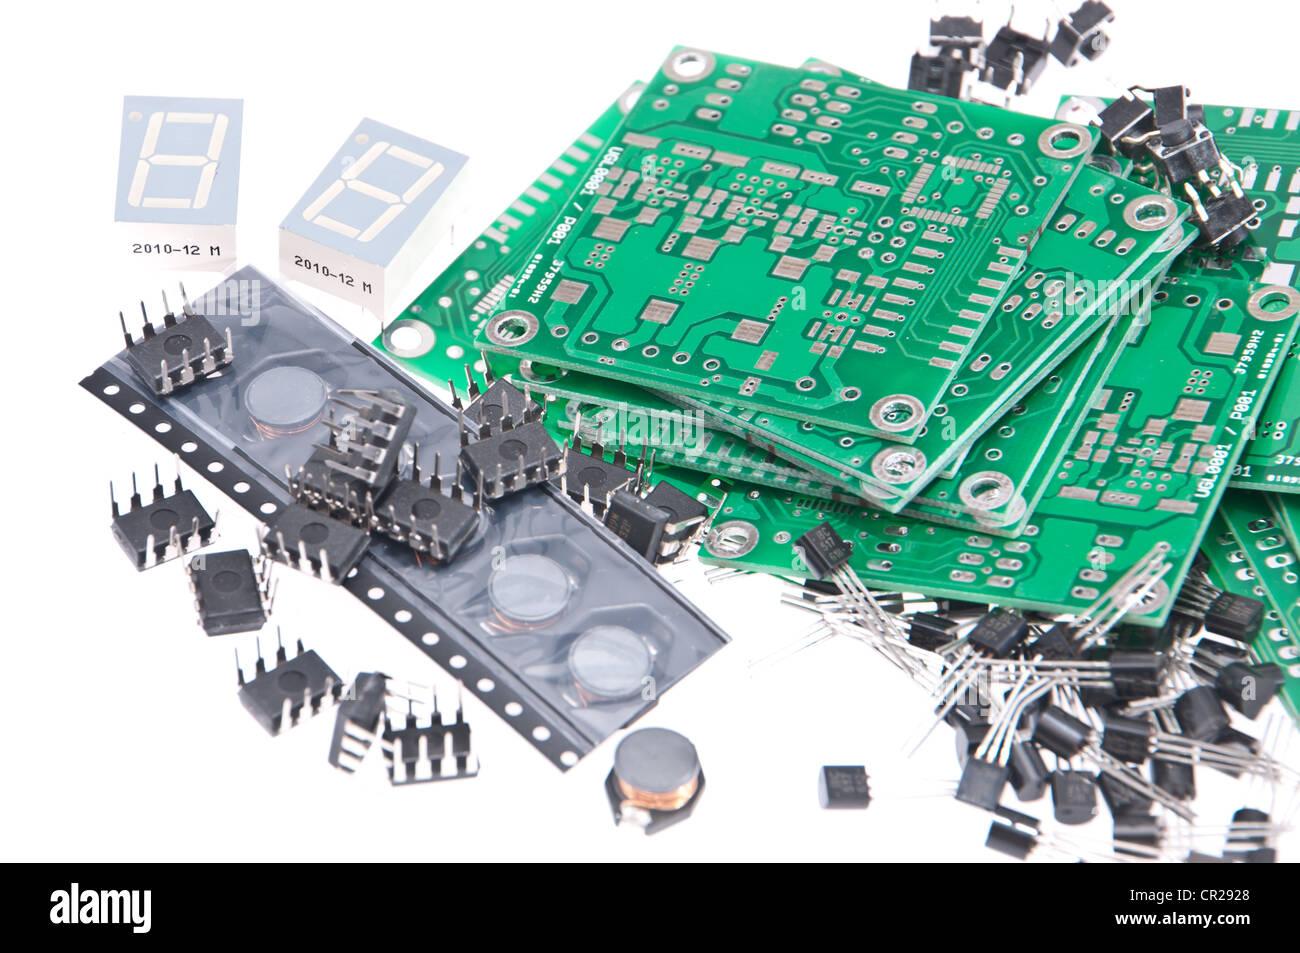 Circuiti stampati con componenti elettronici diversi isolati su sfondo bianco Immagini Stock